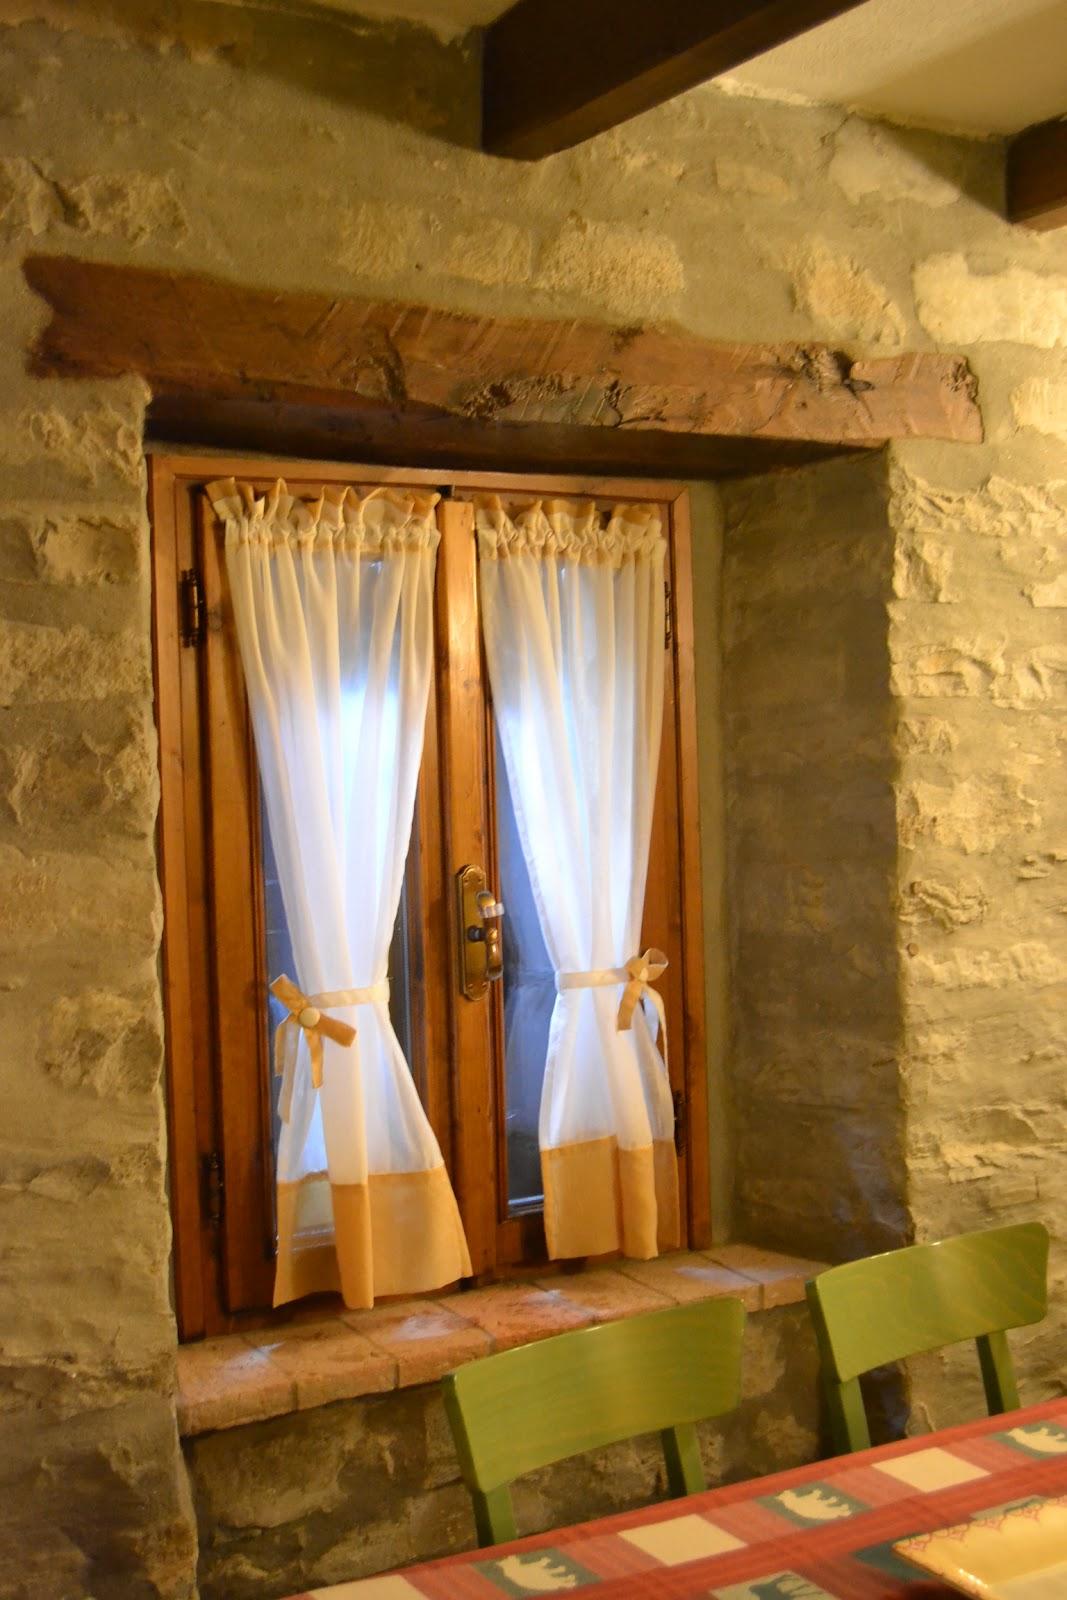 country the blue dog Sartoria dinterni tende con fiocchi e cuori in una deliziosa casa di montagna